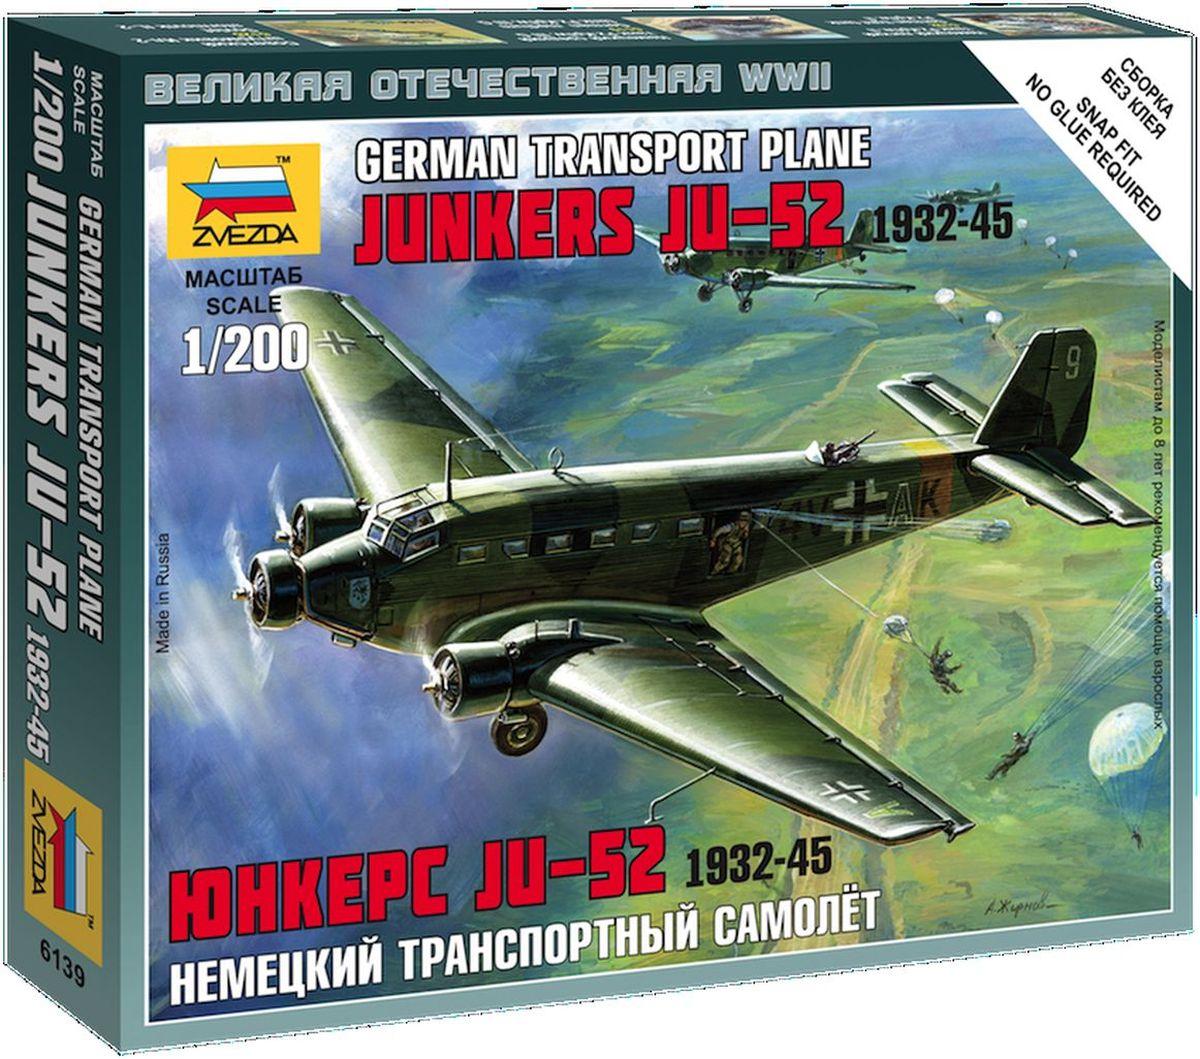 Звезда Сборная модель Немецкий транспортный самолет Юнкерс Ju-52 1932-1945